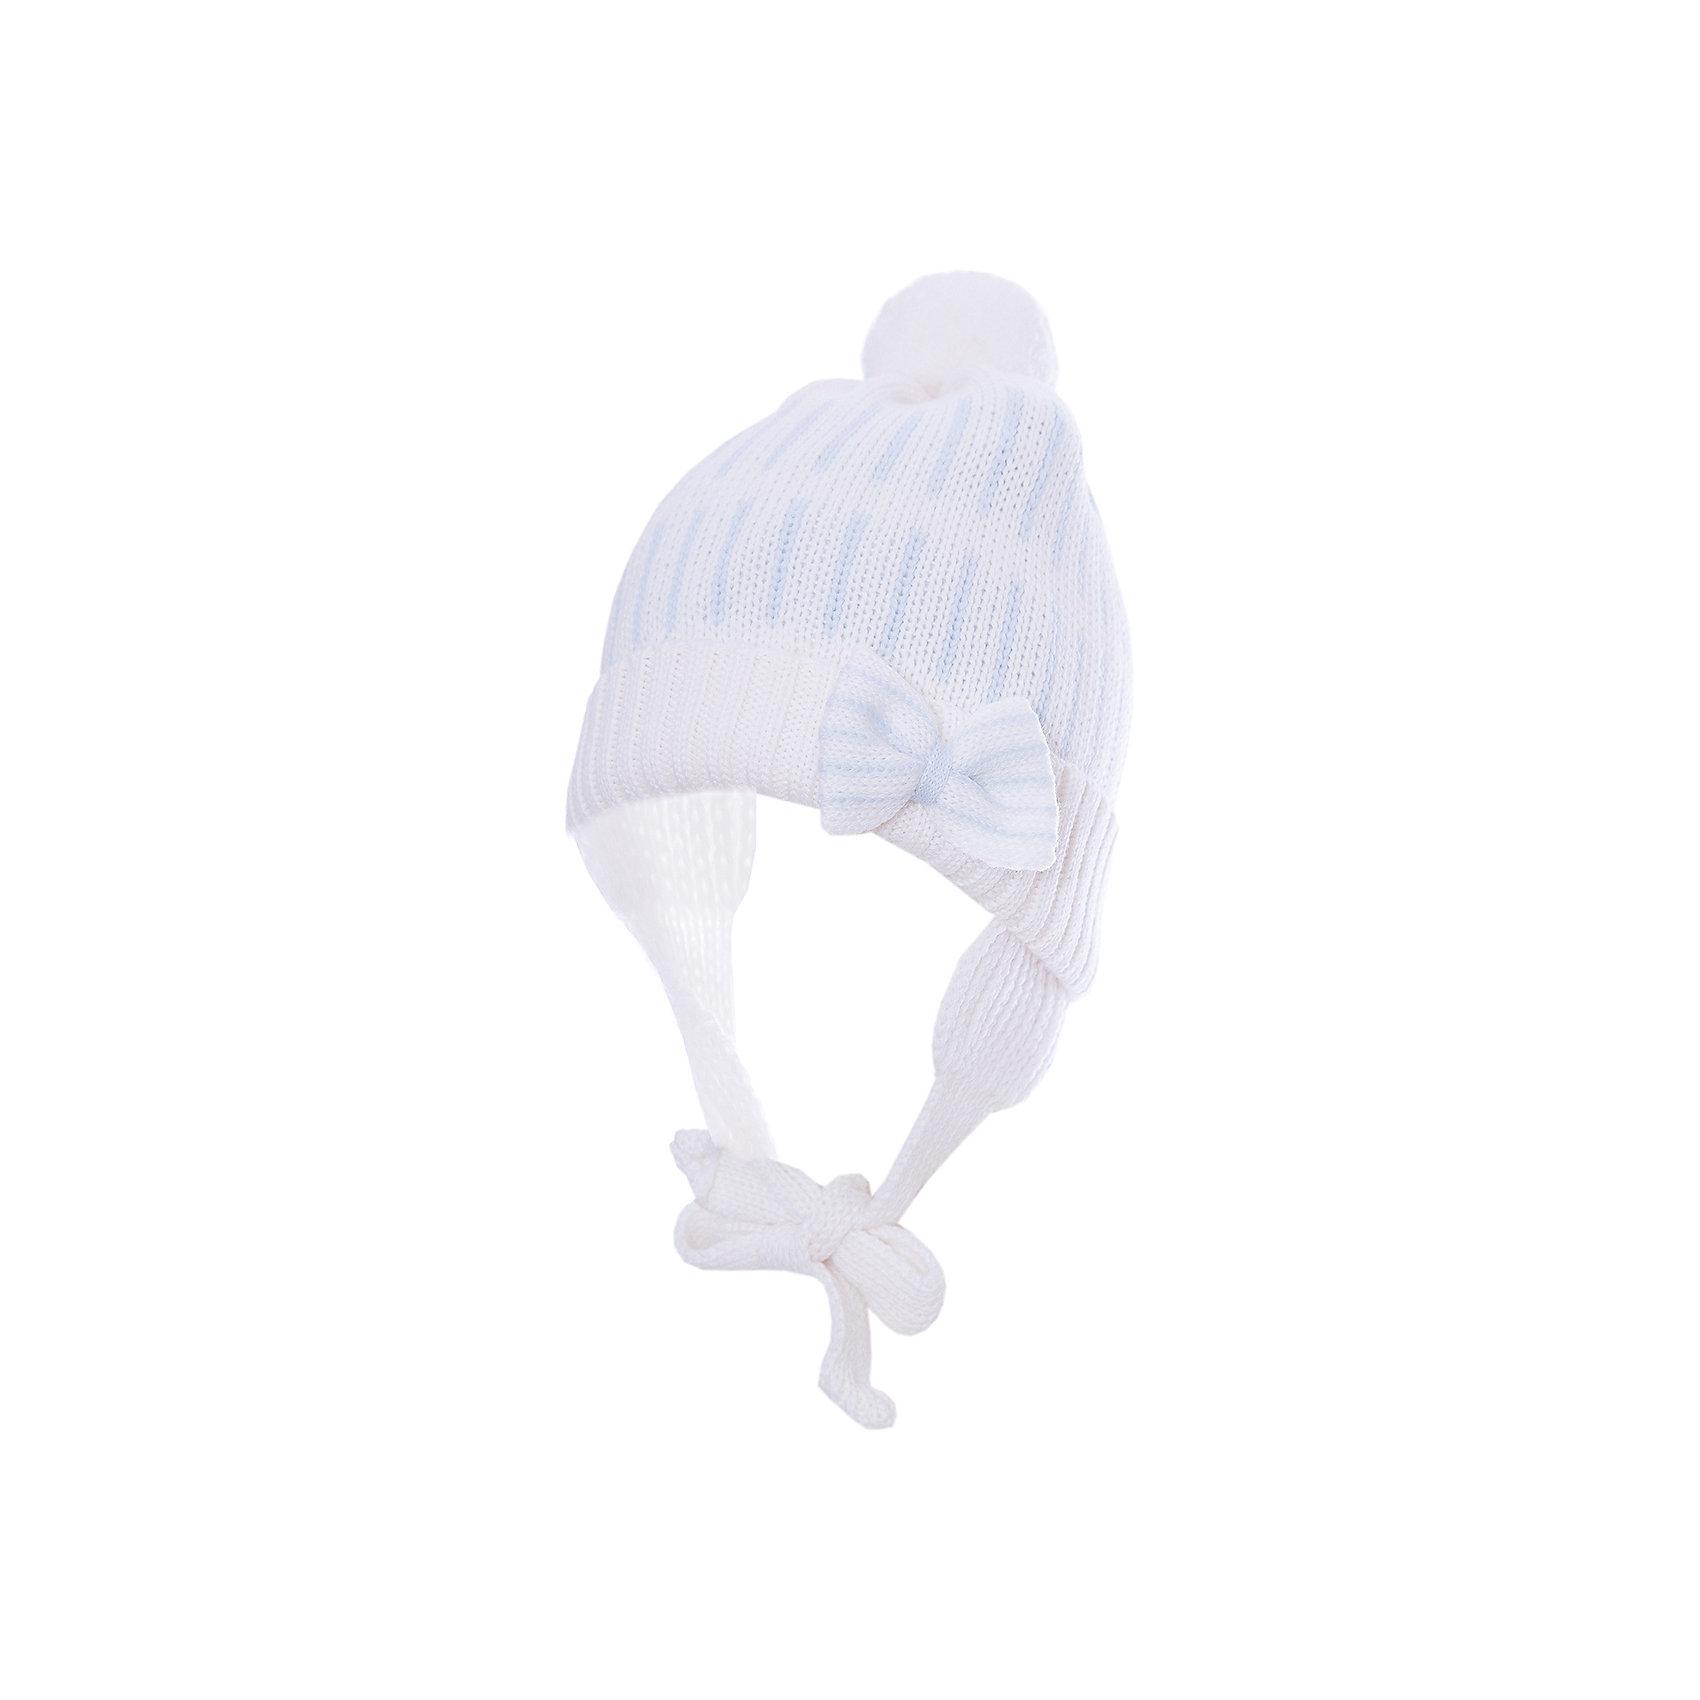 Шапка для девочки АртельГоловные уборы<br>Шапка для девочки от торговой марки Артель <br><br>Удобная и модная шапка отлично смотрится на детях и комфортно сидит. Изделие выполнено из натуральной шерсти. Отличный вариант для переменной погоды межсезонья! <br>Одежда от бренда Артель – это высокое качество по приемлемой цене и всегда продуманный дизайн. <br><br>Особенности модели: <br>- цвет — белый; <br>- украшена бантом; <br>- есть завязки и бомбошка; <br>- натуральная шерсть. <br><br>Дополнительная информация: <br><br>Состав: 100% шерсть.<br><br><br>Температурный режим: <br>от -10 °C до +10 °C <br><br>Шапку для девочки Артель (Artel) можно купить в нашем магазине.<br><br>Ширина мм: 89<br>Глубина мм: 117<br>Высота мм: 44<br>Вес г: 155<br>Цвет: белый<br>Возраст от месяцев: 36<br>Возраст до месяцев: 48<br>Пол: Женский<br>Возраст: Детский<br>Размер: 50,52,44,48,46<br>SKU: 4500552